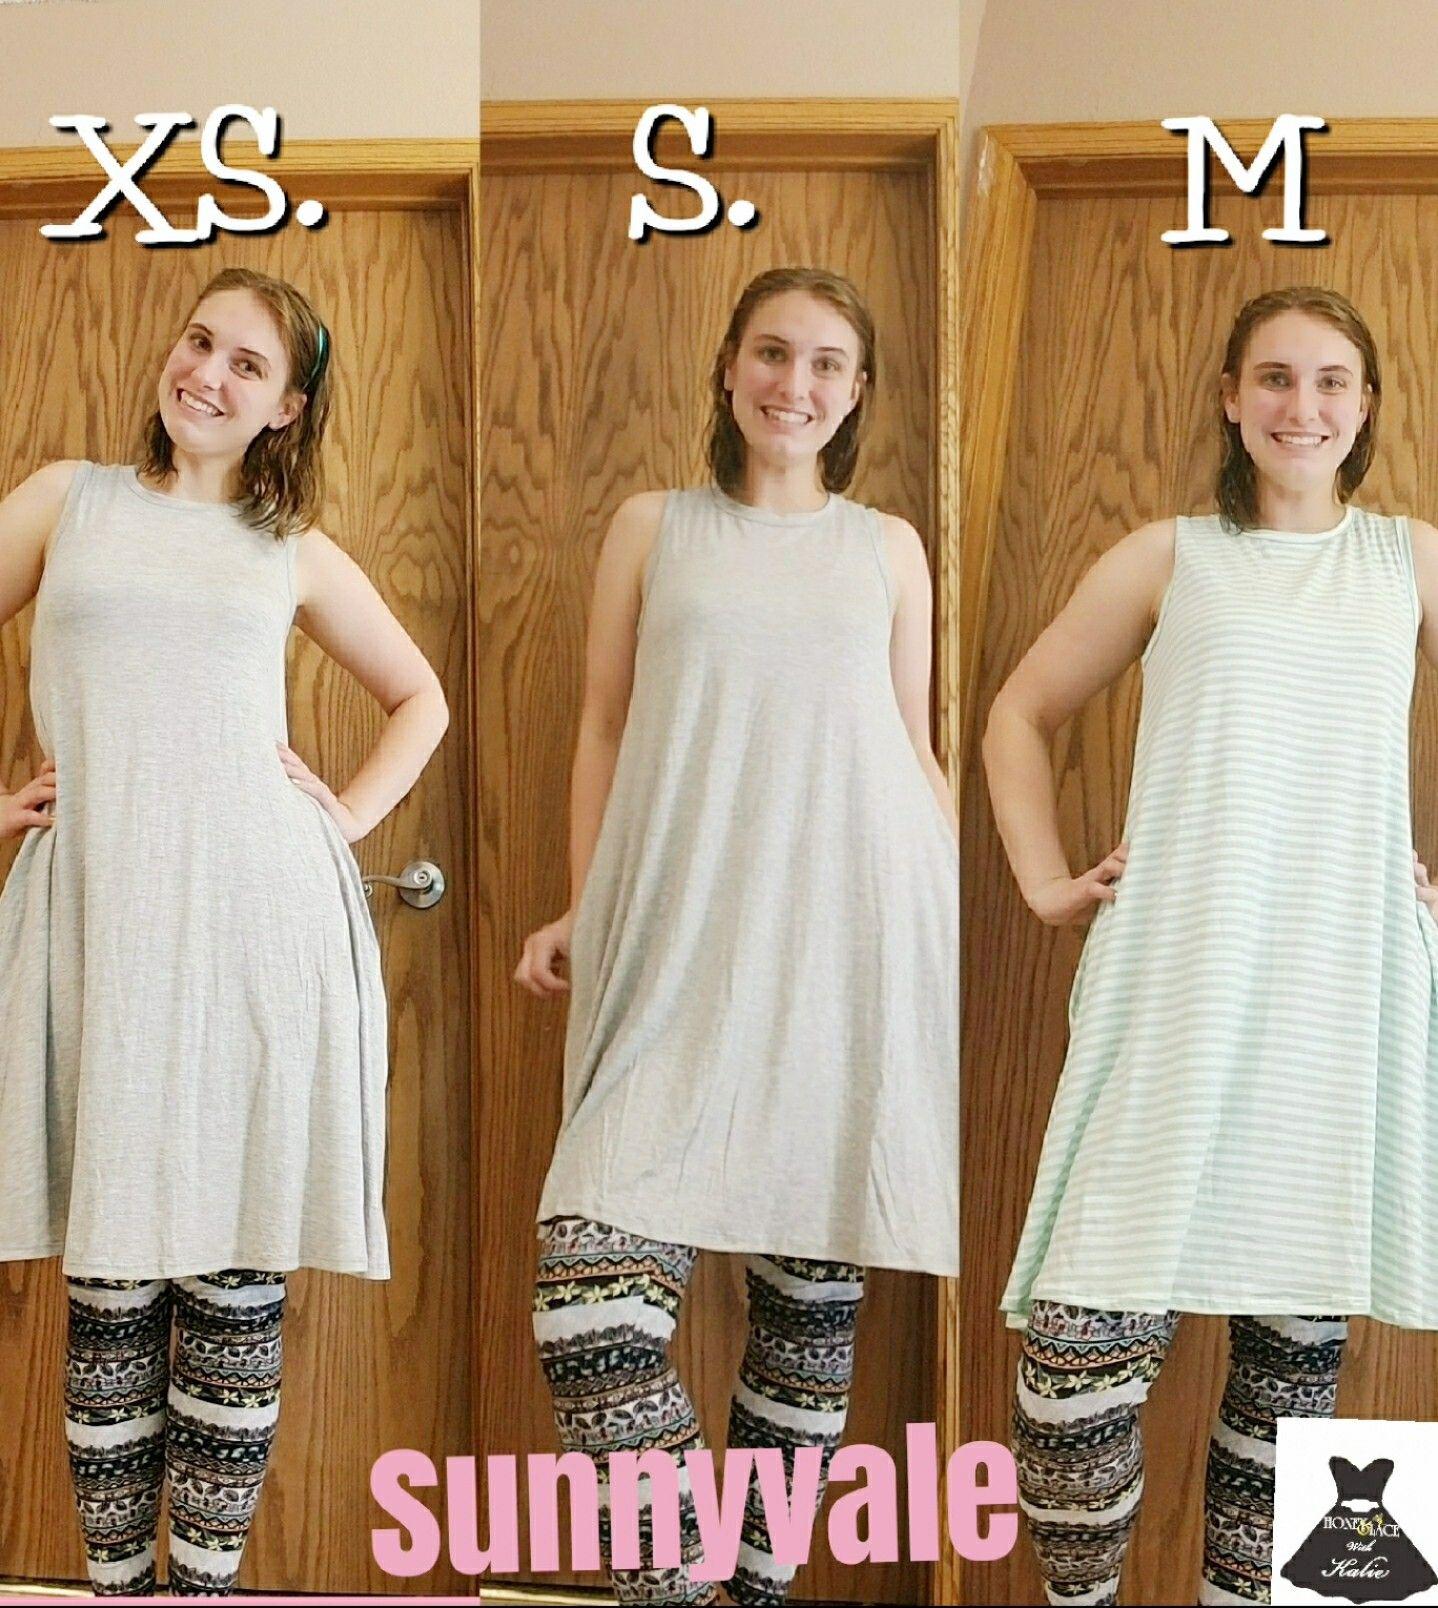 coctail dresses Sunnyvale